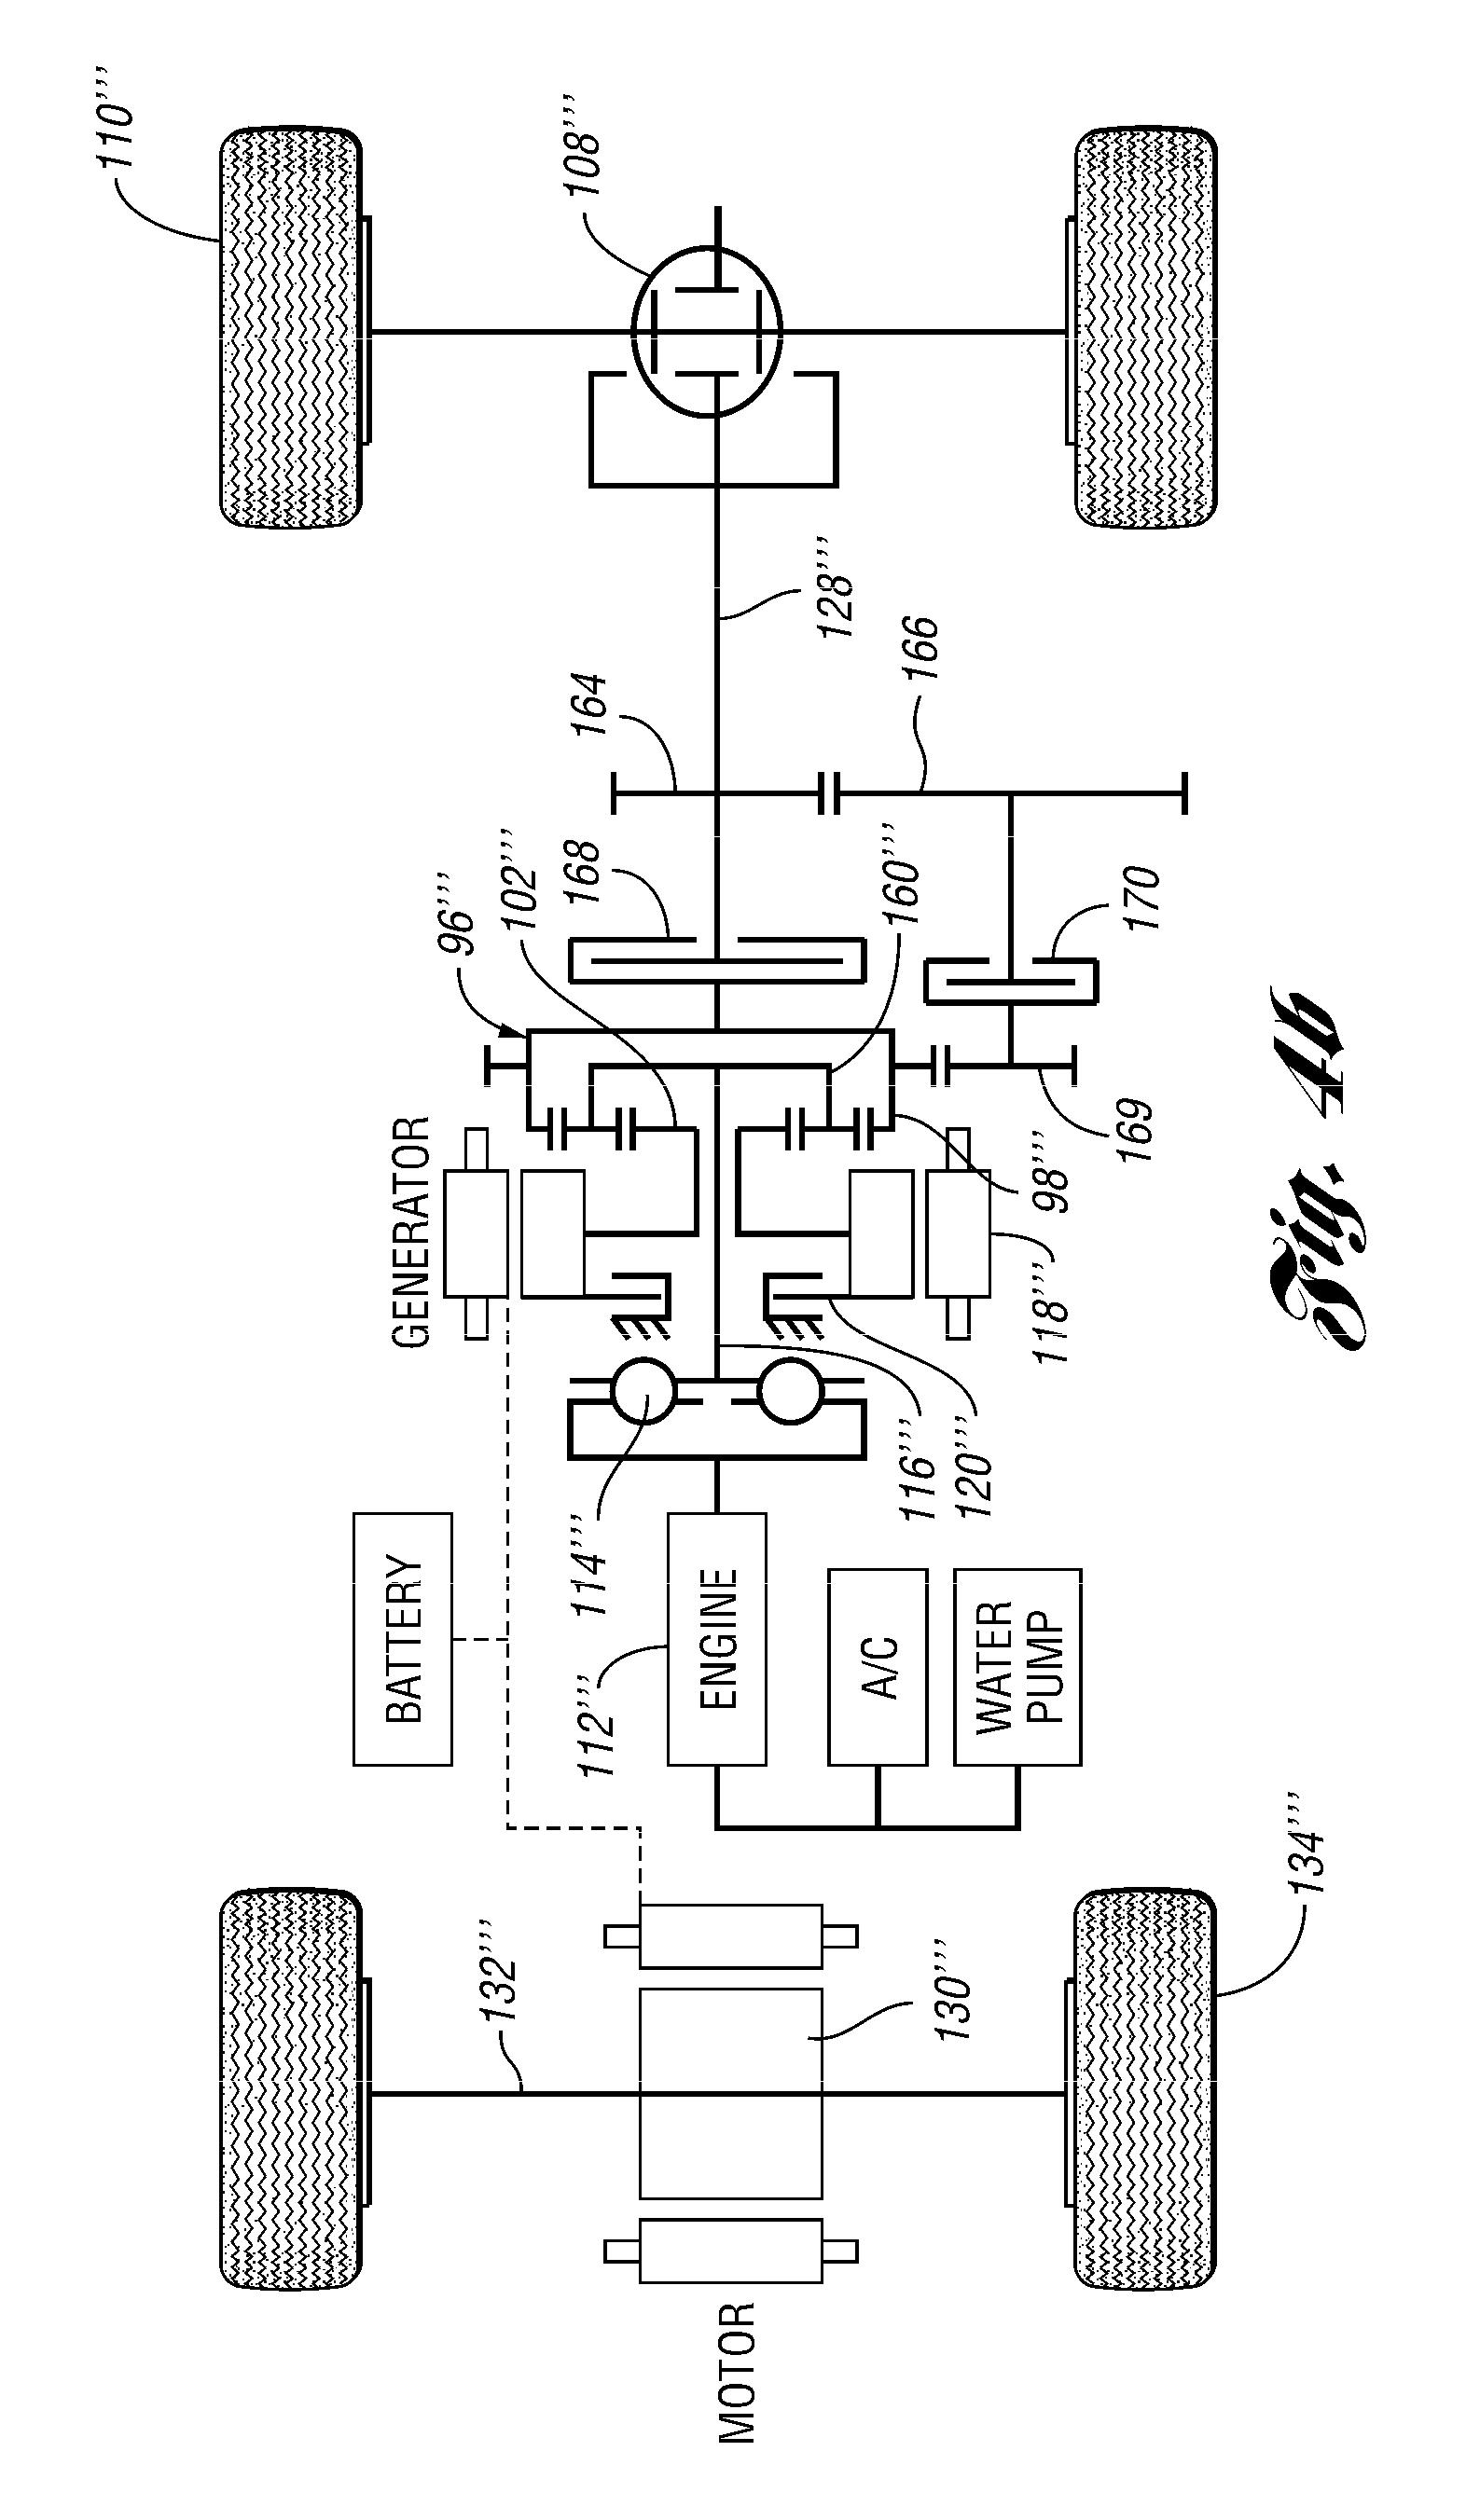 patent us20100049390